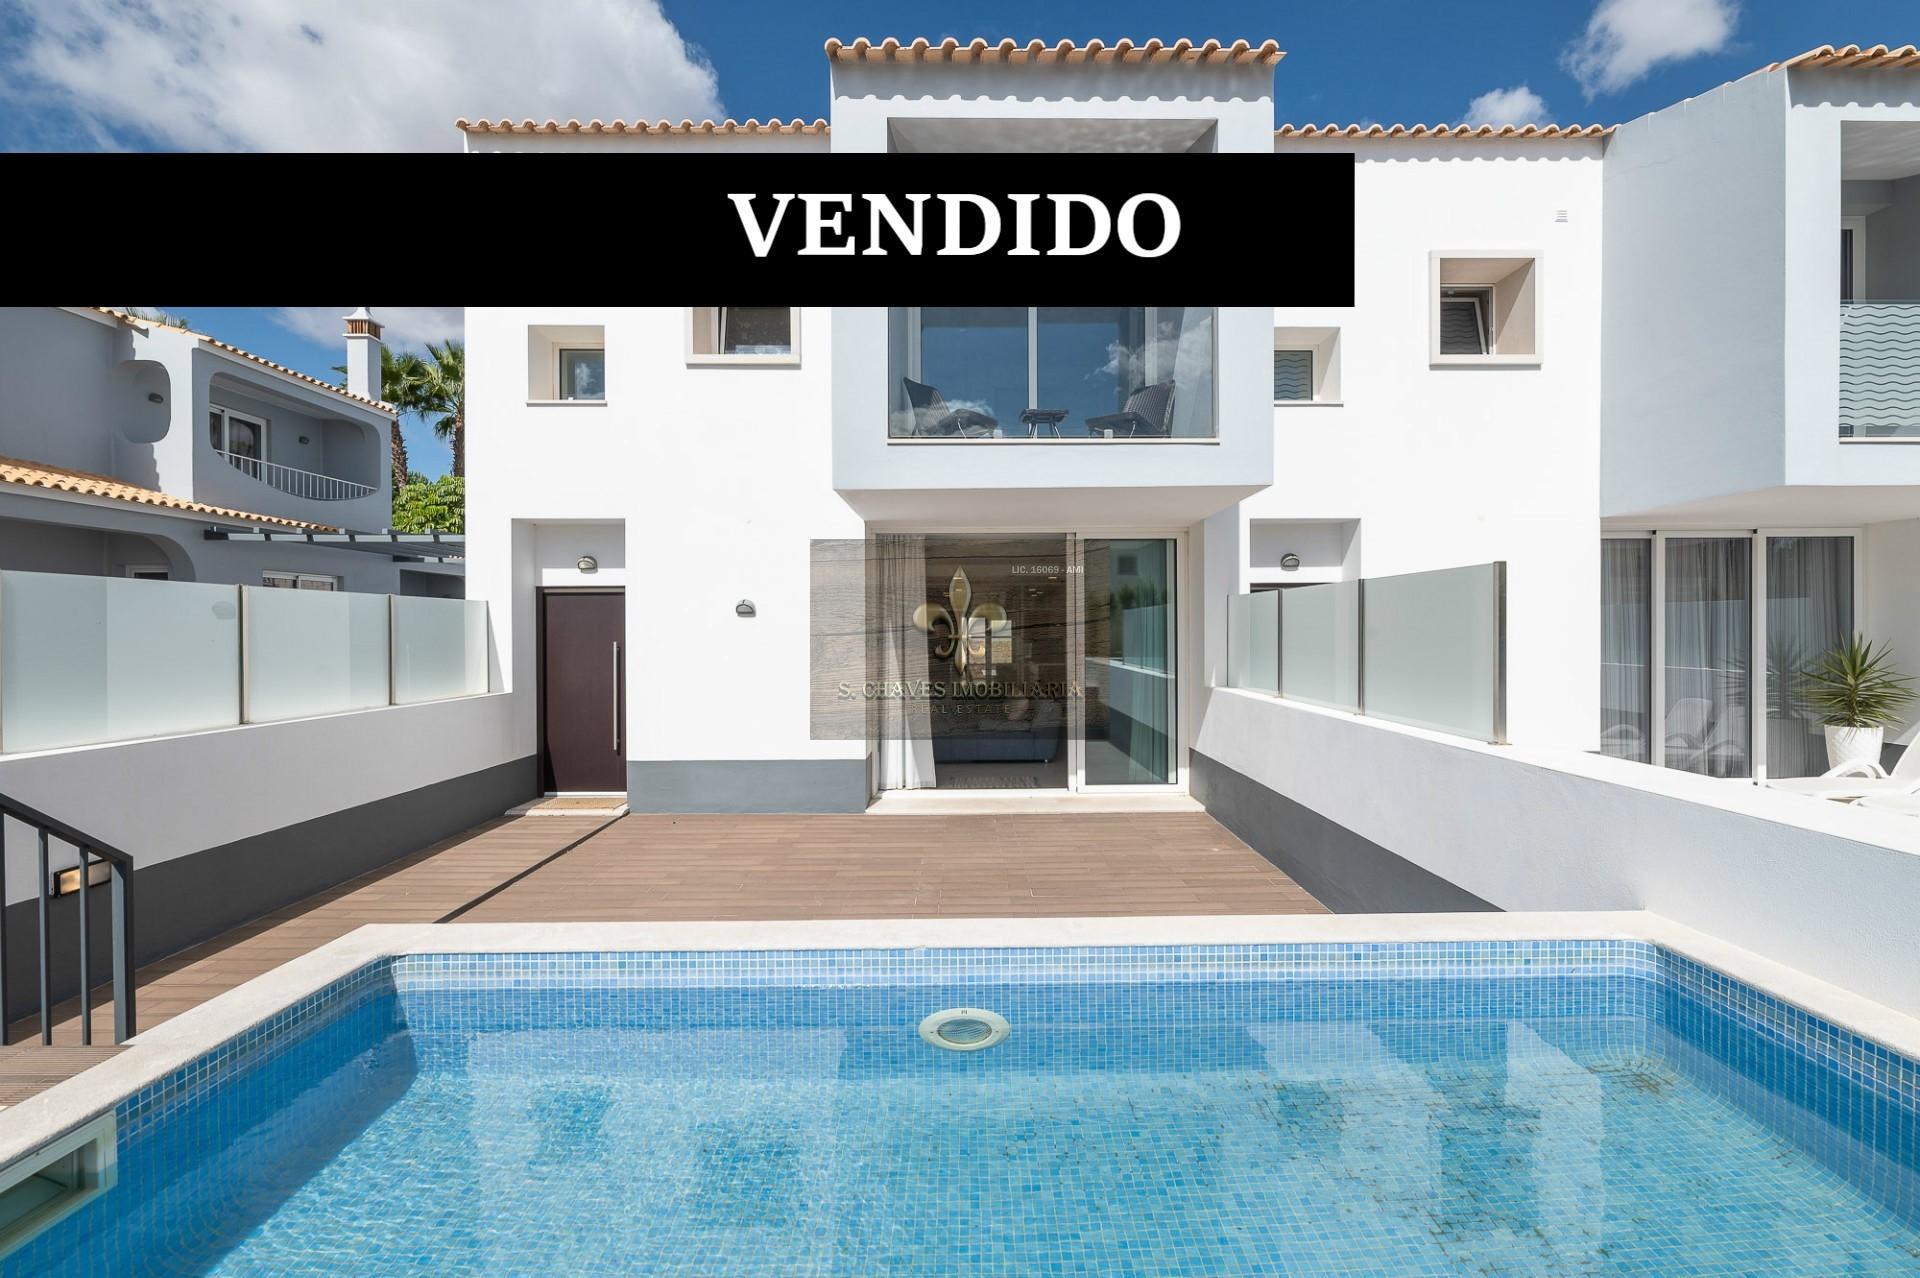 Villa de 4 dormitorios con piscina - Balaia - Albufeira